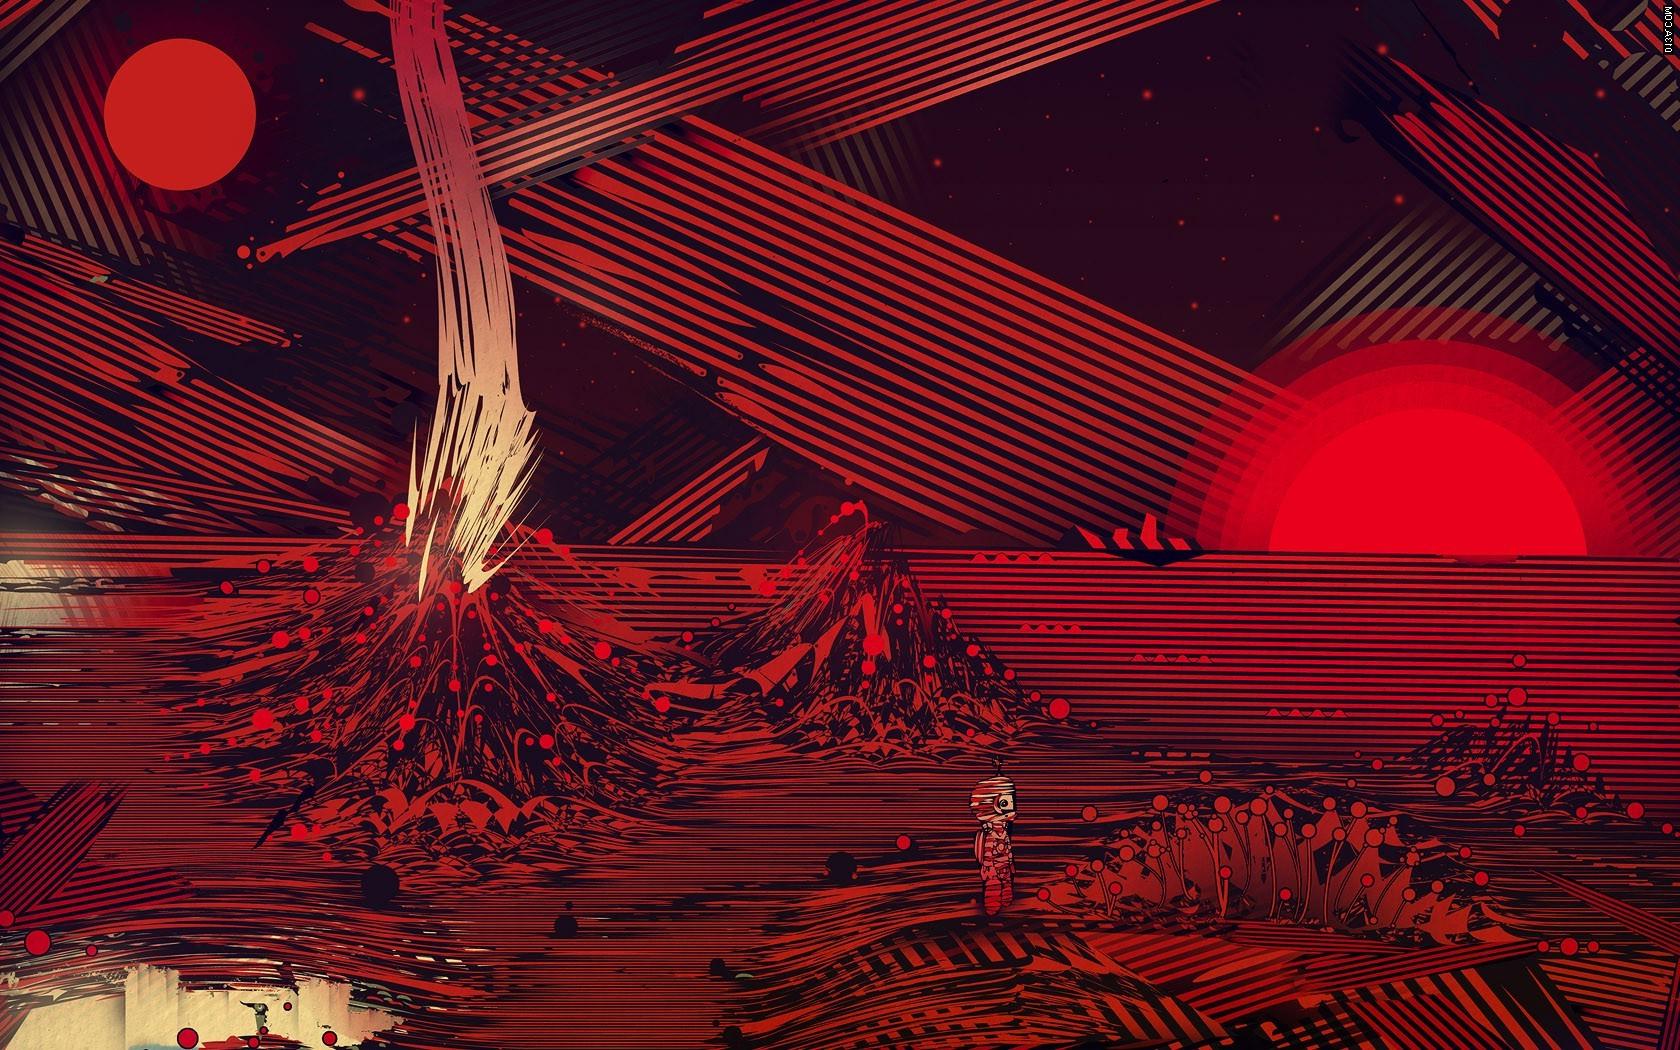 Wallpaper Illustration Digital Art Red Artwork